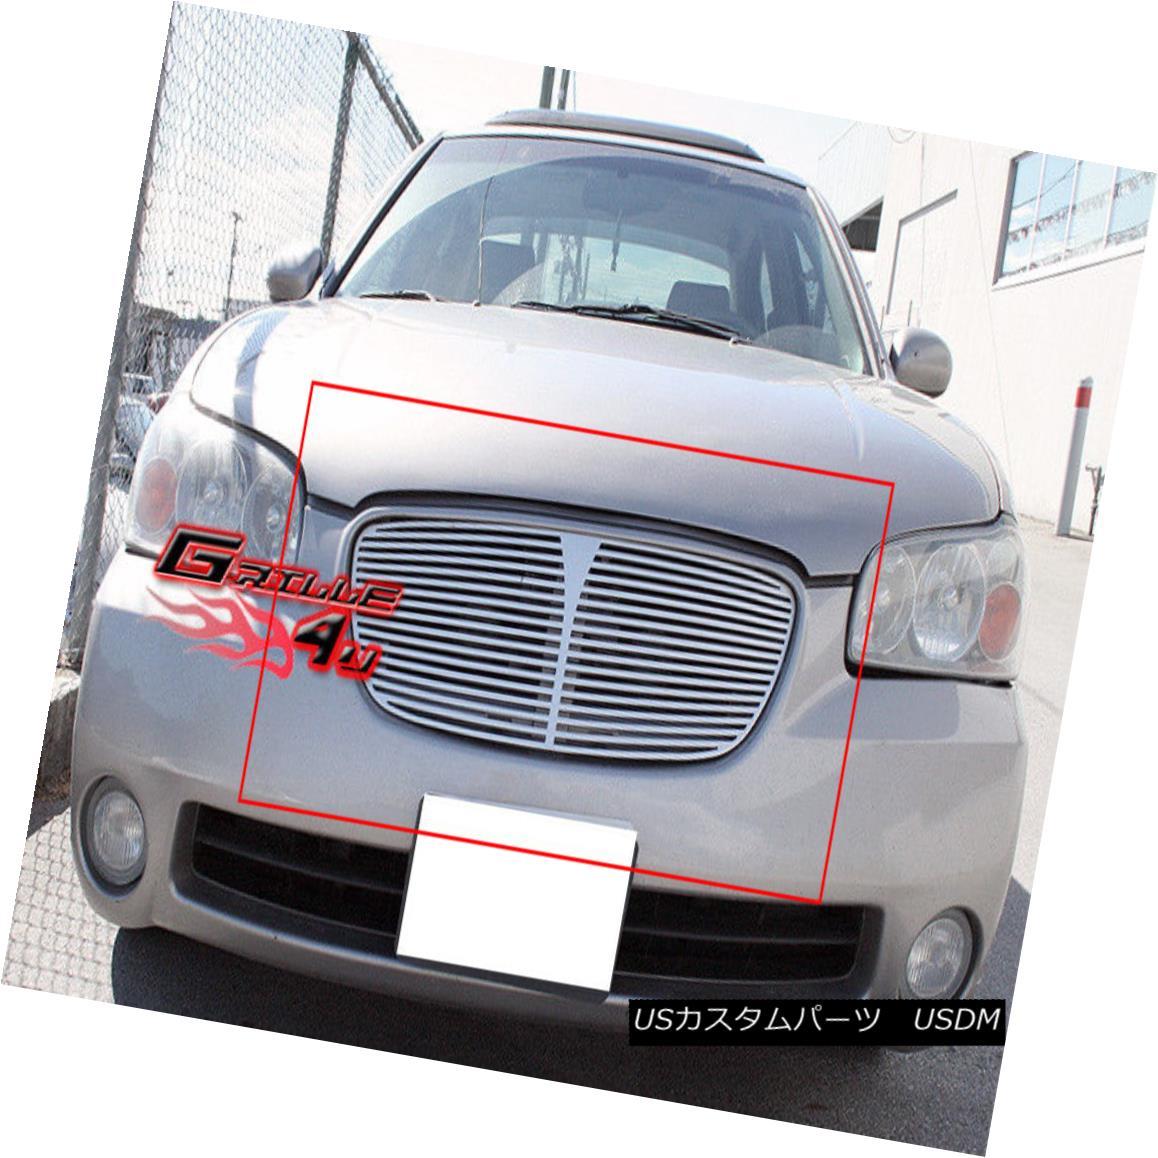 グリル For 2002-03 Nissan Maxima SE/GXE Perimeter CNC Machined Cut Grill Grille Insert 2002-03日産マキシマSE / GXE周辺CNC加工カットグリルグリルインサート